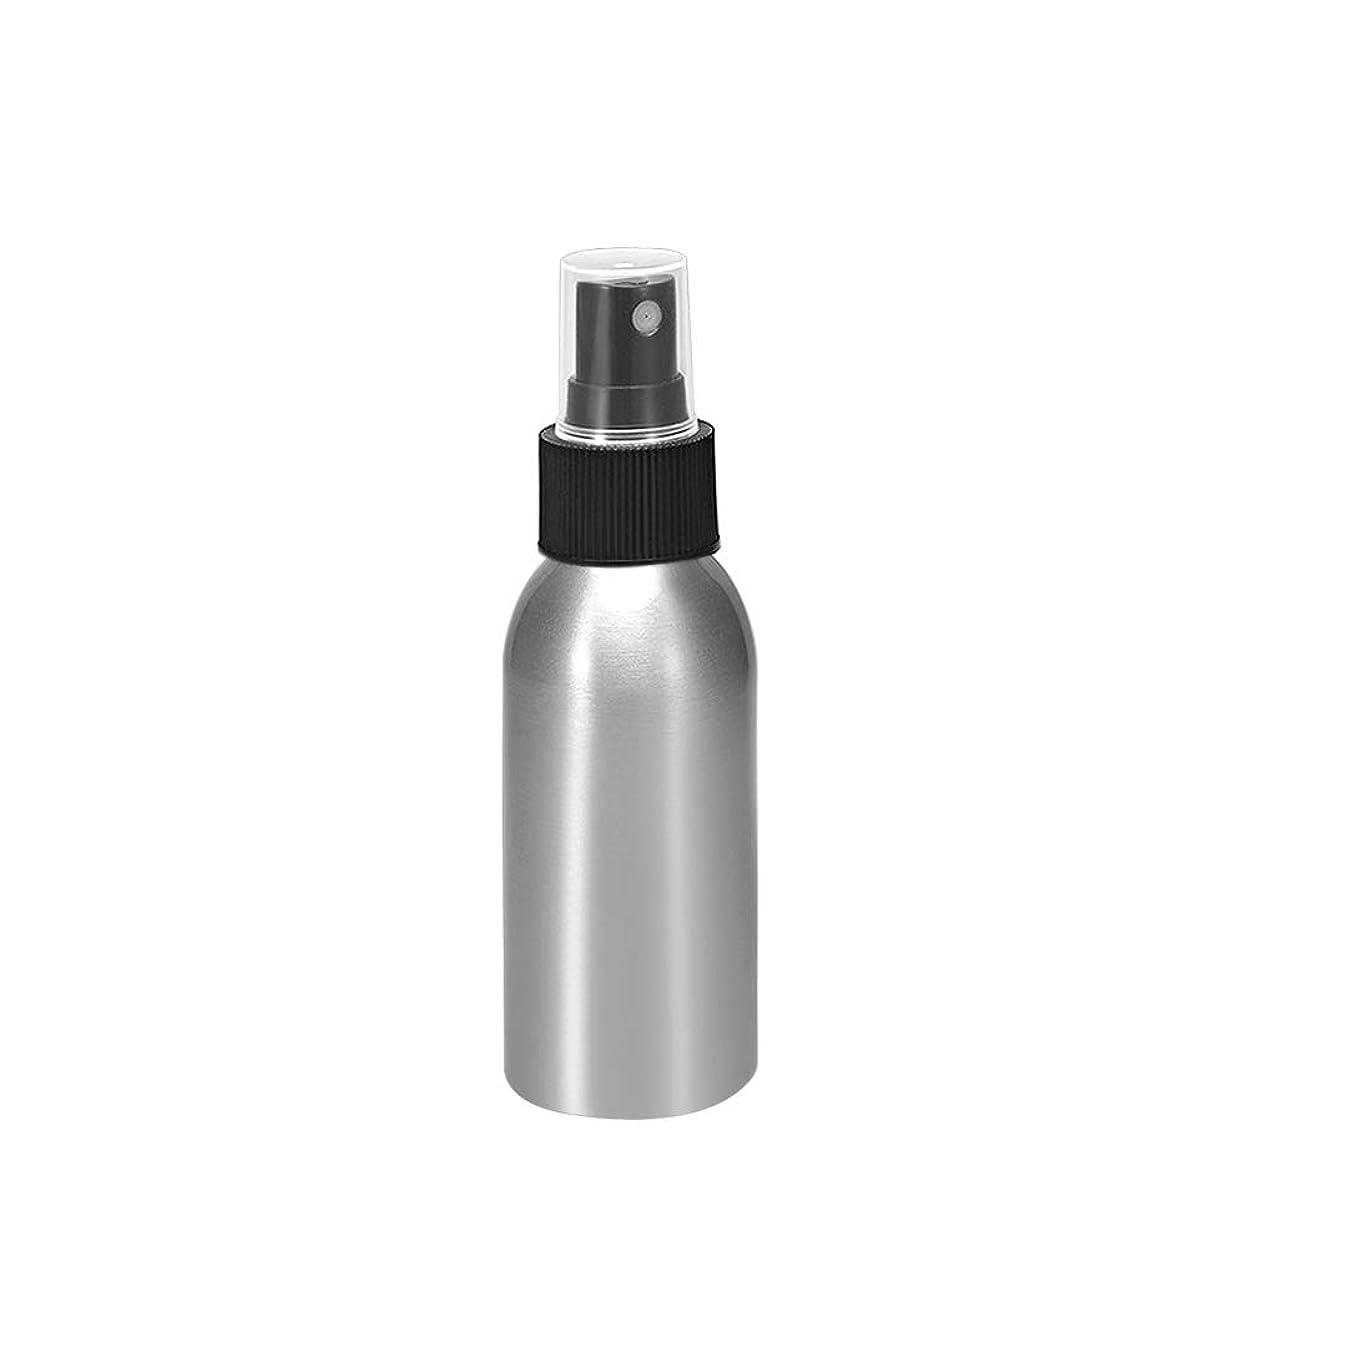 学校の先生ヨーロッパ逆uxcell uxcell アルミスプレーボトル ブラックファインミストスプレー付き 空の詰め替え式コンテナ トラベルボトル 1oz/30ml